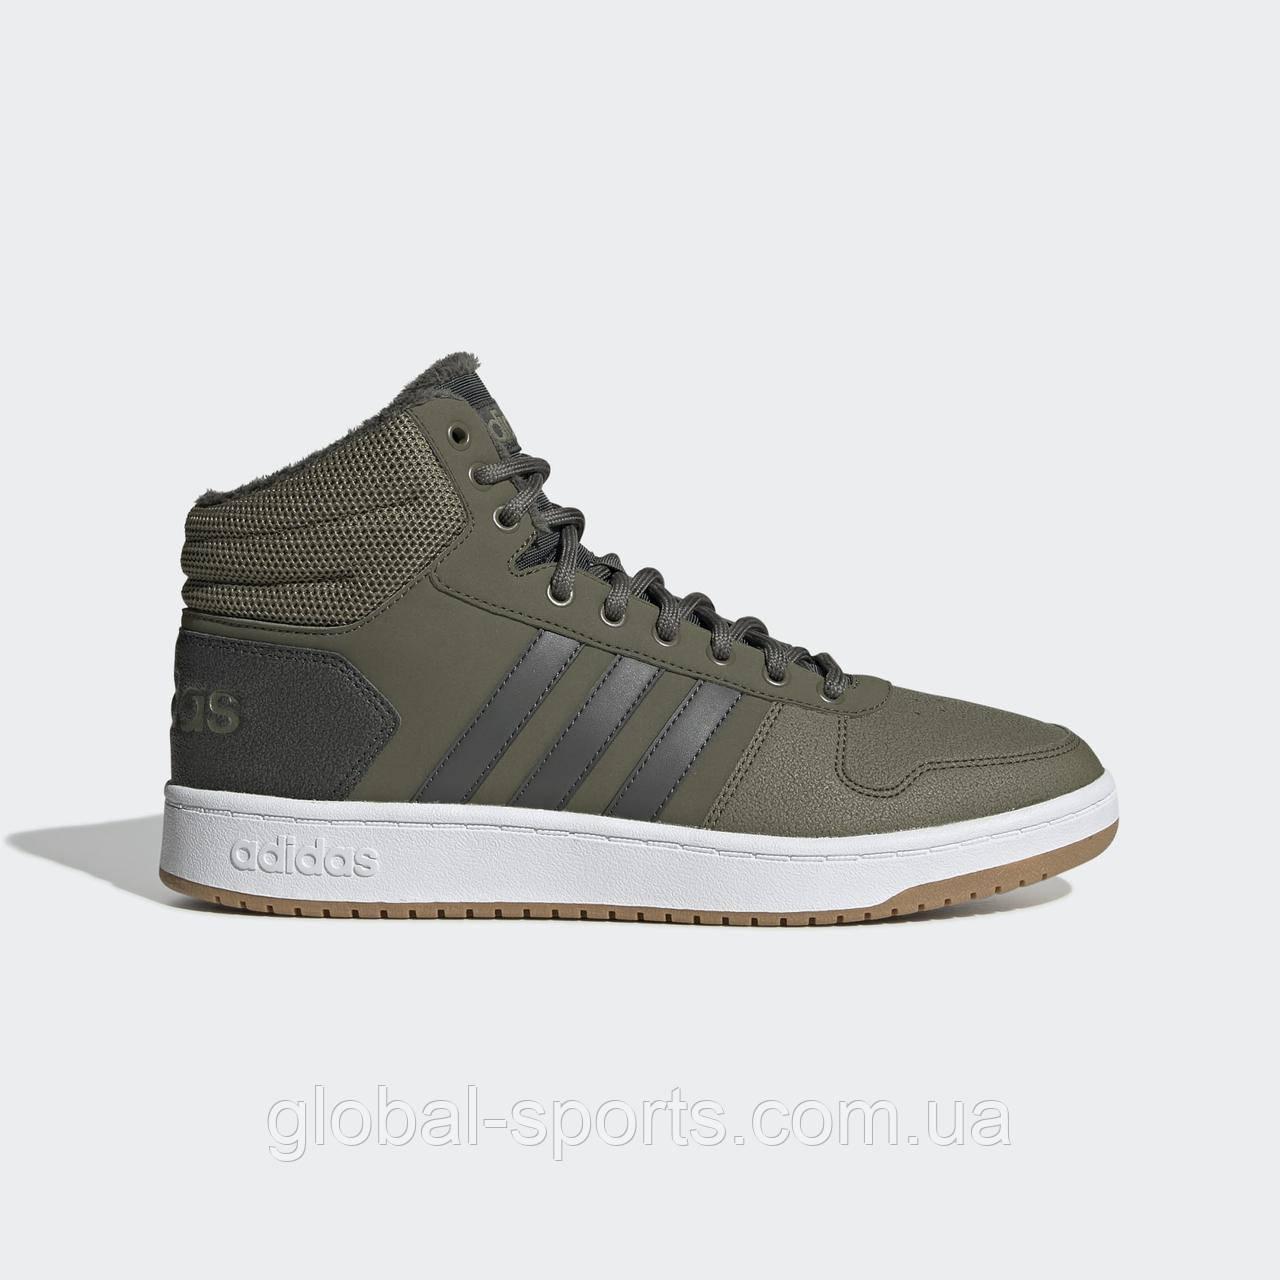 Мужские кроссовки Adidas Hoops 2.0 Mid (Артикул:EE7370)